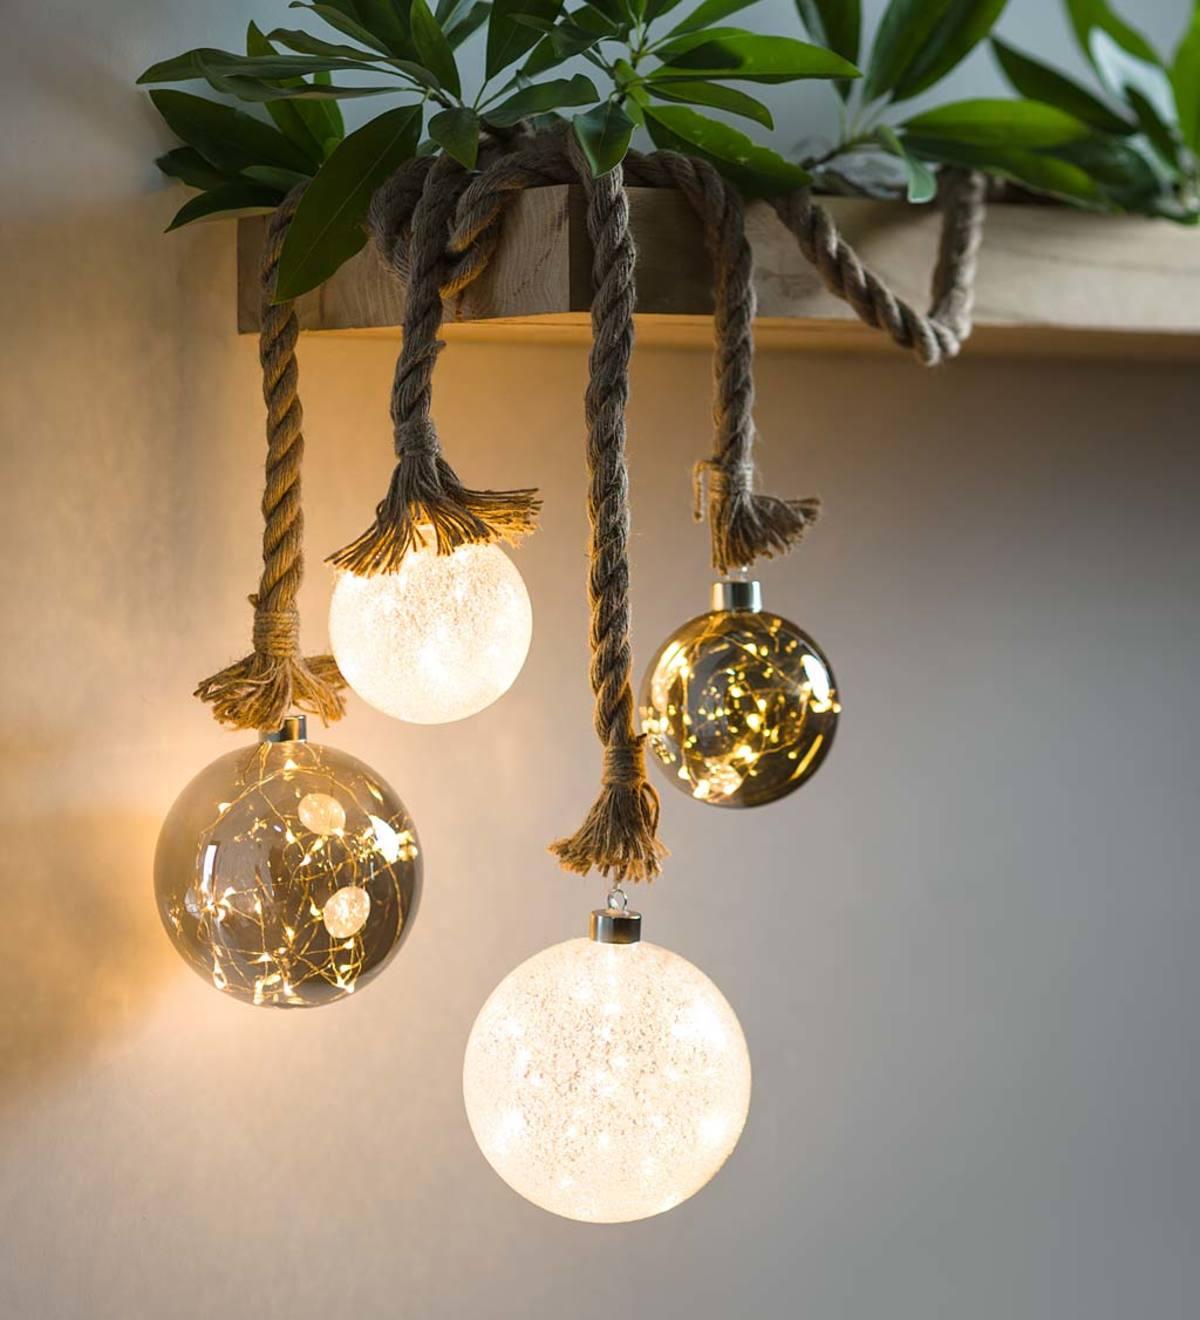 Jute Rope Light Spheres